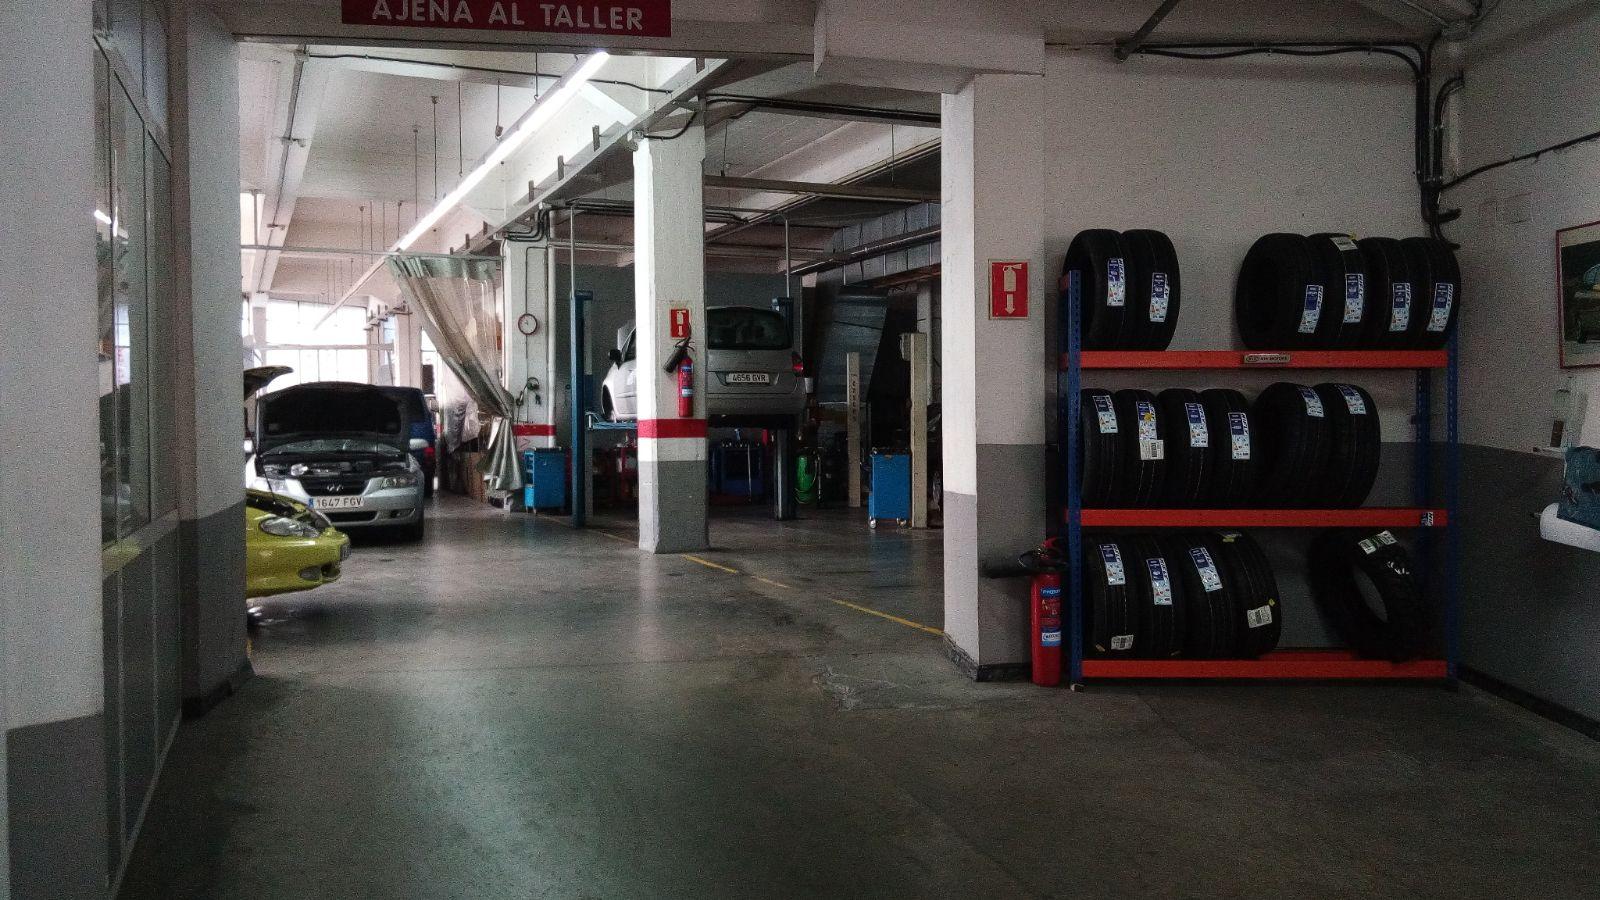 oferta cambio ruedas baratas bilbao